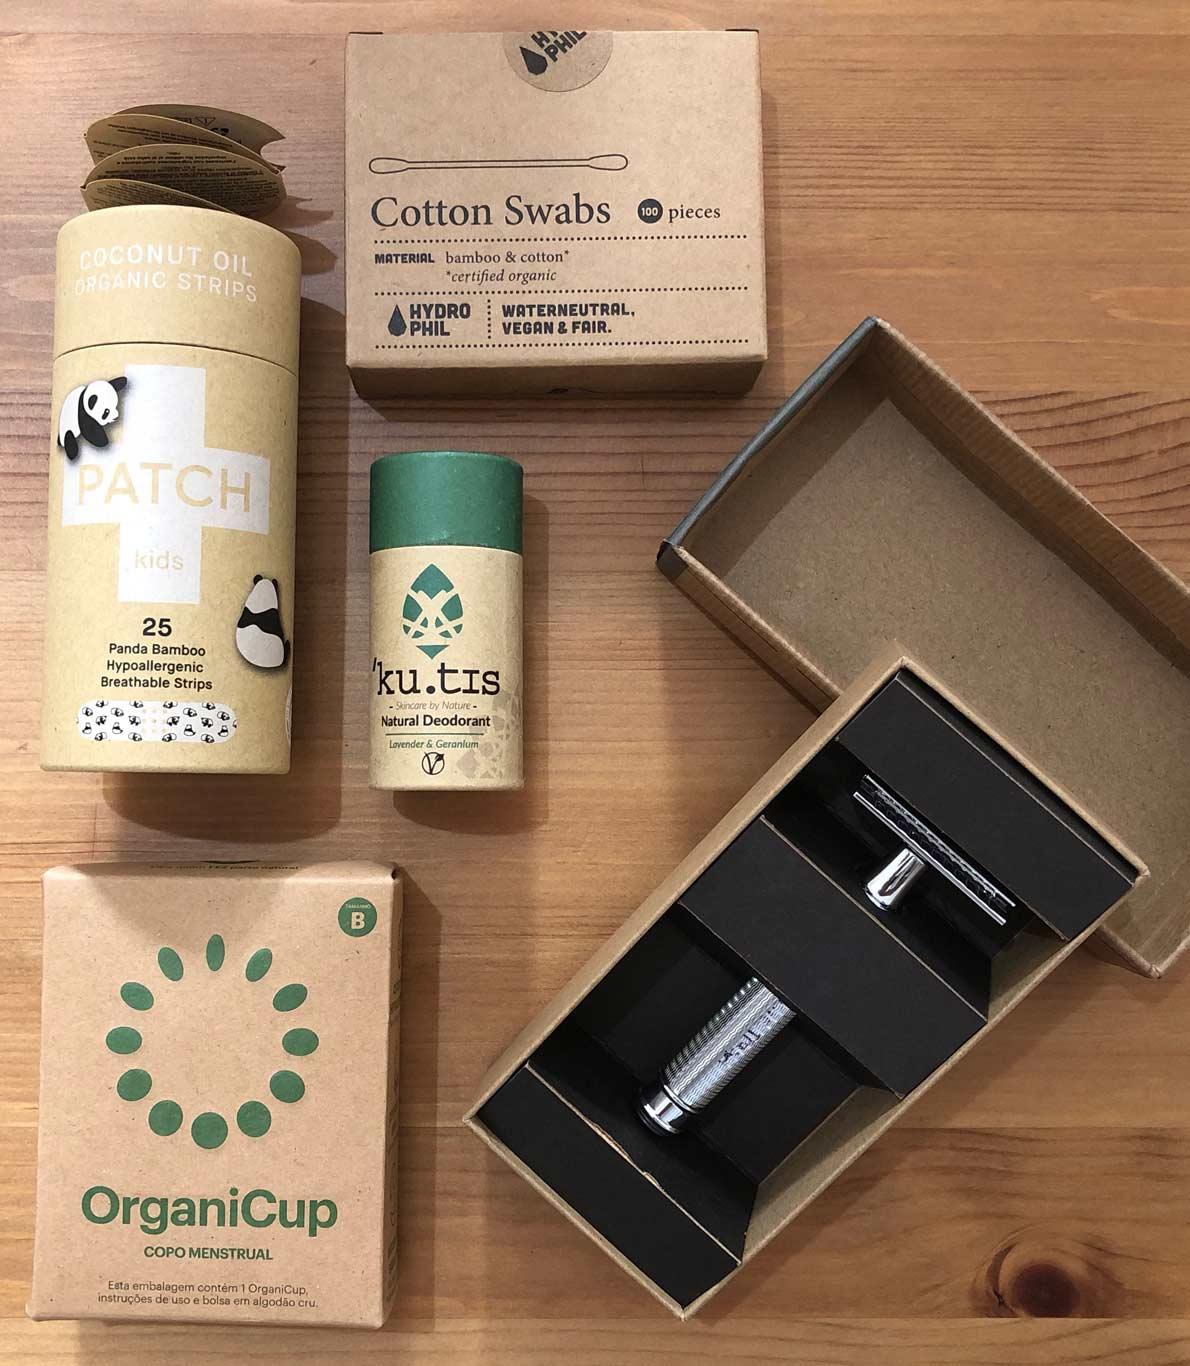 Copo menstrual, pensos rápidos, cotonetes de bambu, desodorizante e aparelho depilatório.